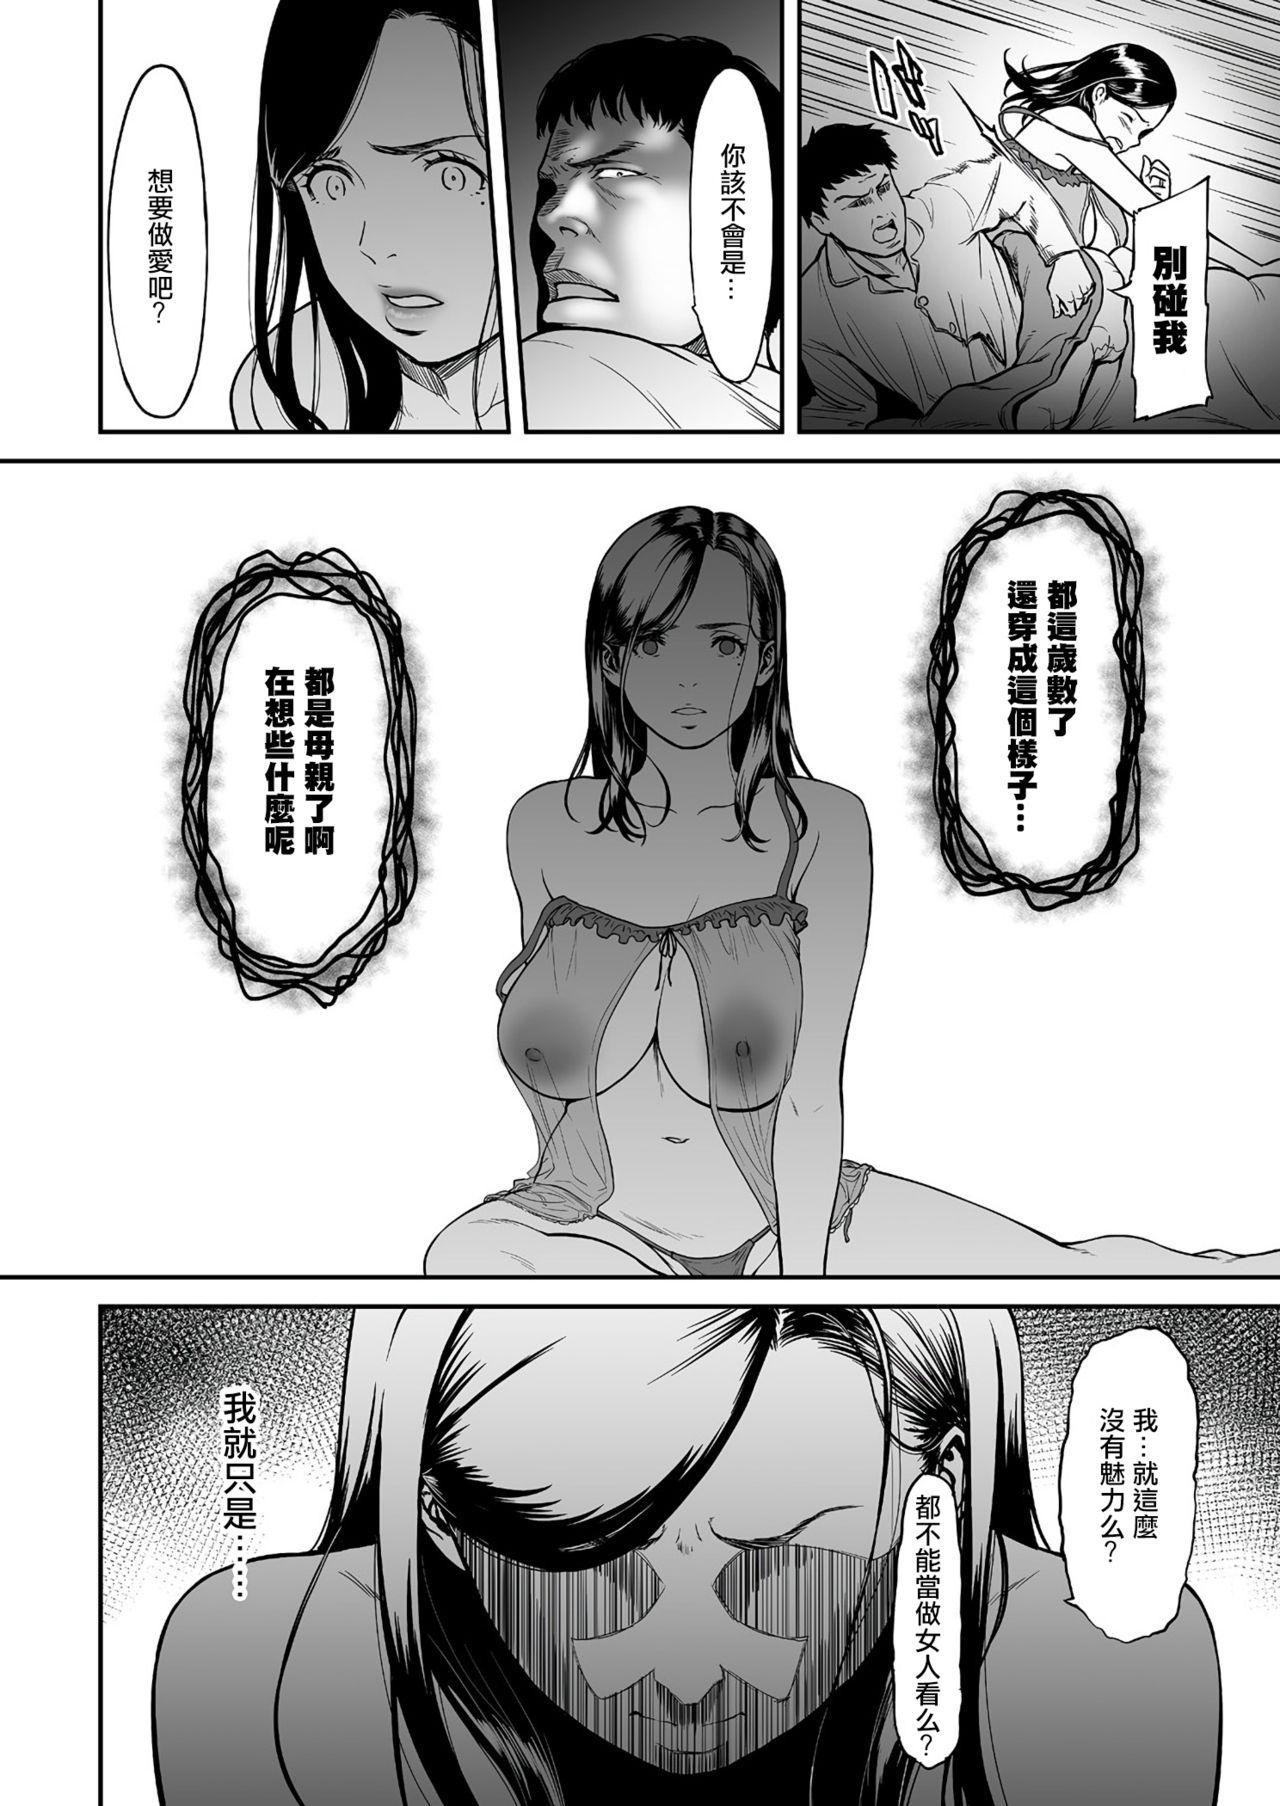 Uragiri no Ai wa Mitsu no Aji  Ch. 1 5